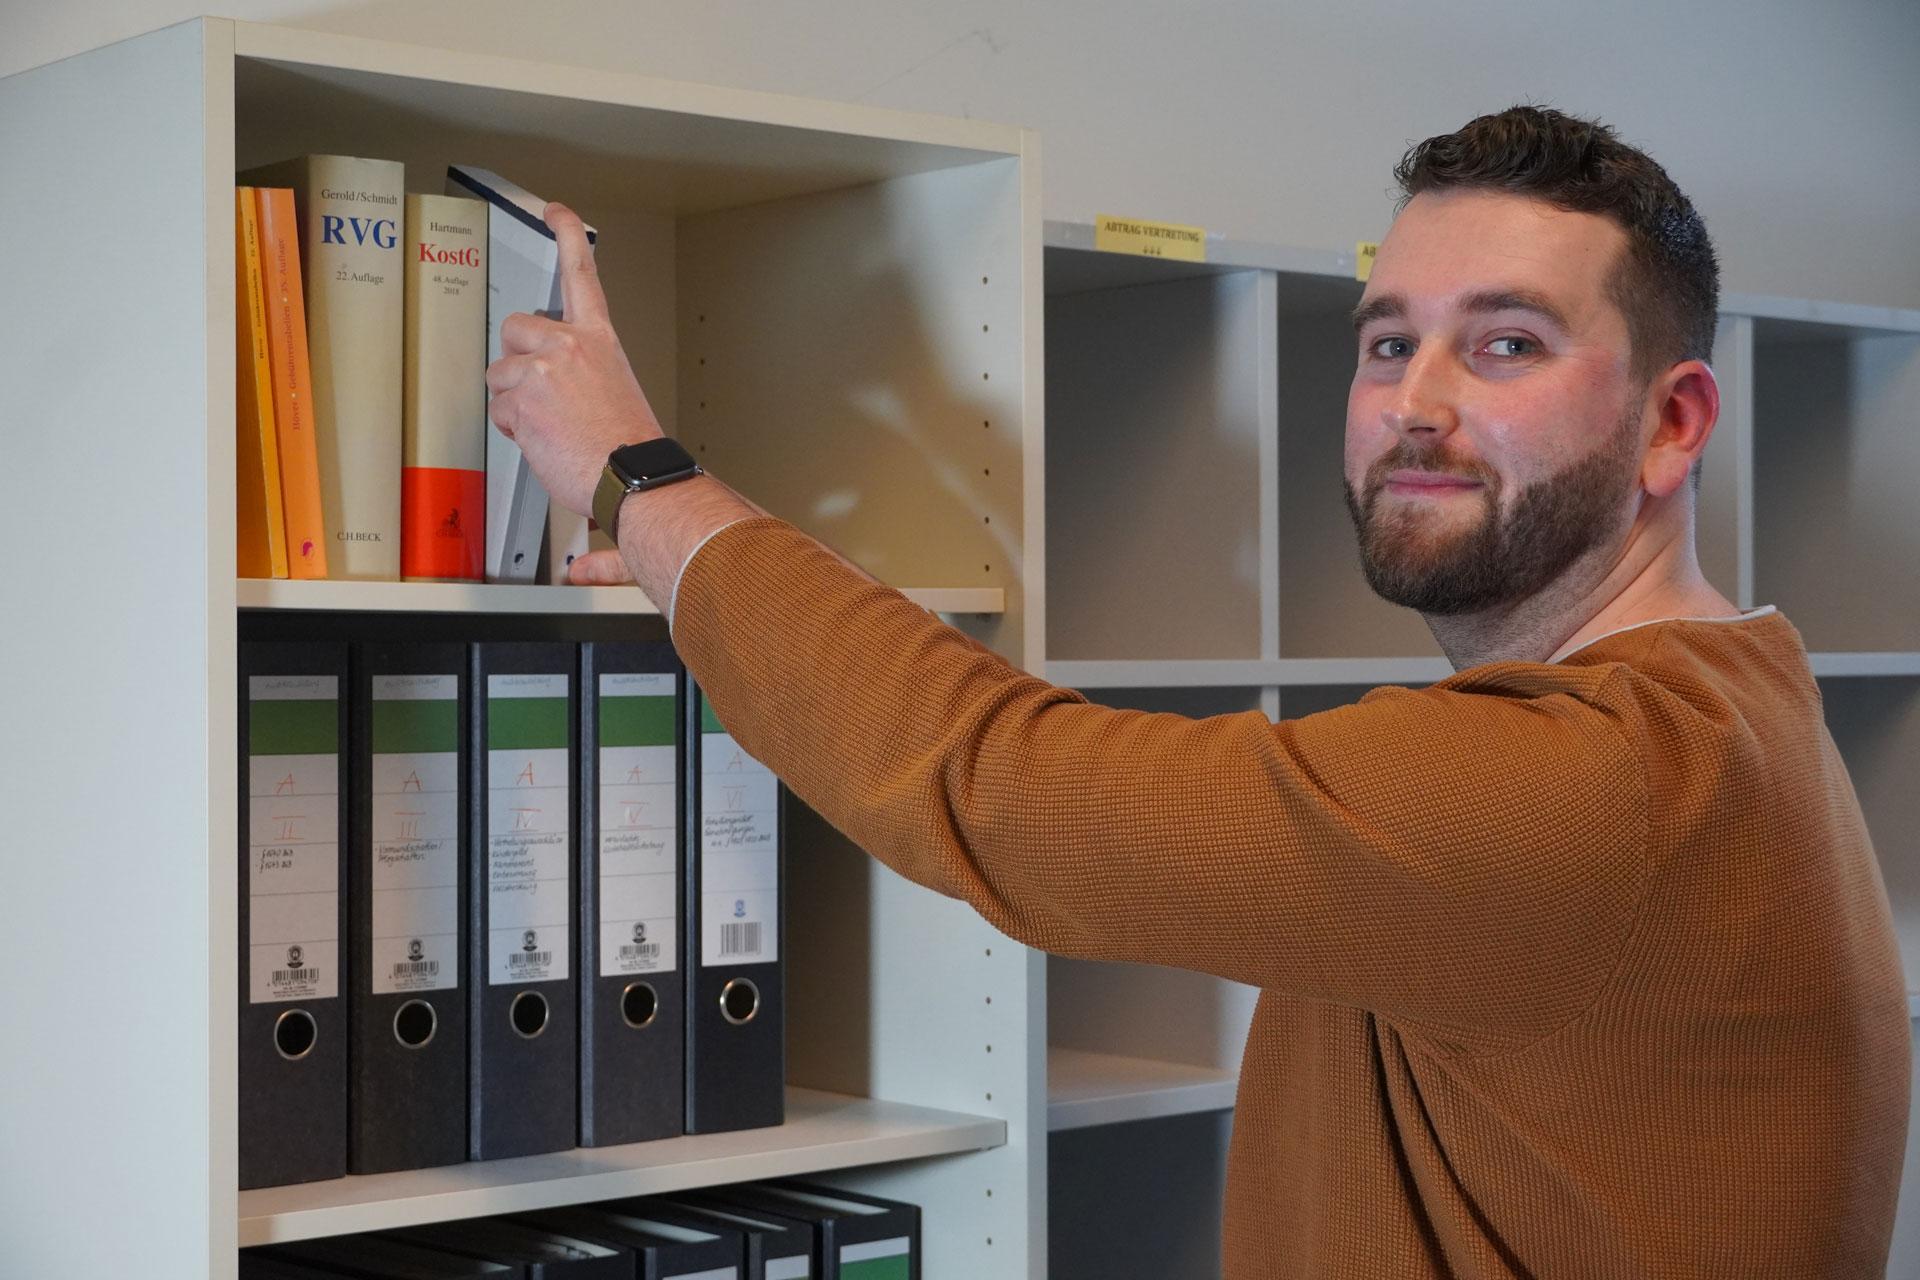 """Das erwartet dich """"Rick Aktenordner""""Alt-Text:Rechtspfleger Rick: Hat im Büro immer alle Paragrafen und Gesetzesbücher griffbereit."""